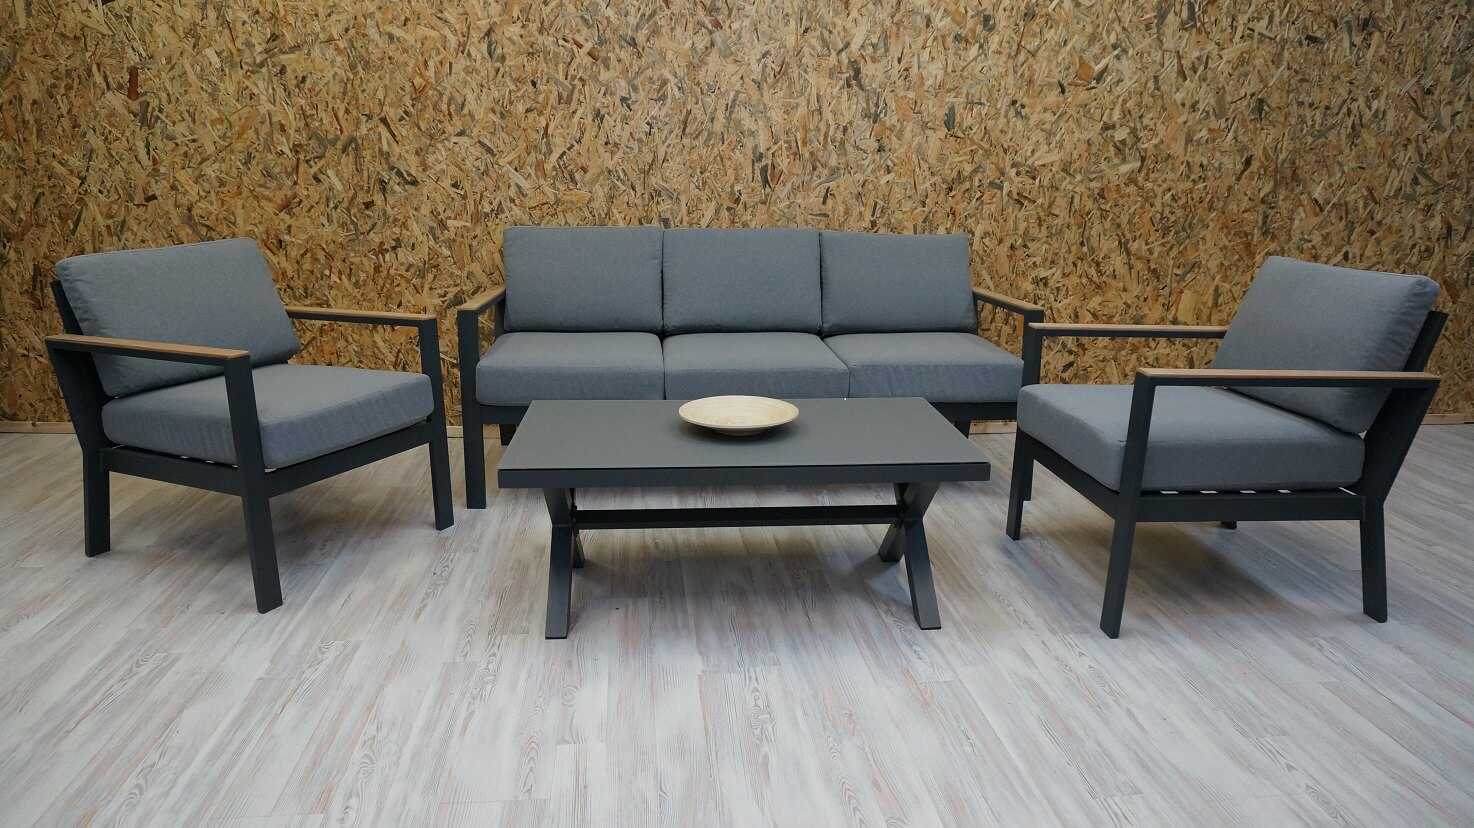 מערכות ישיבה למרפסת – איך לבחור נכון?